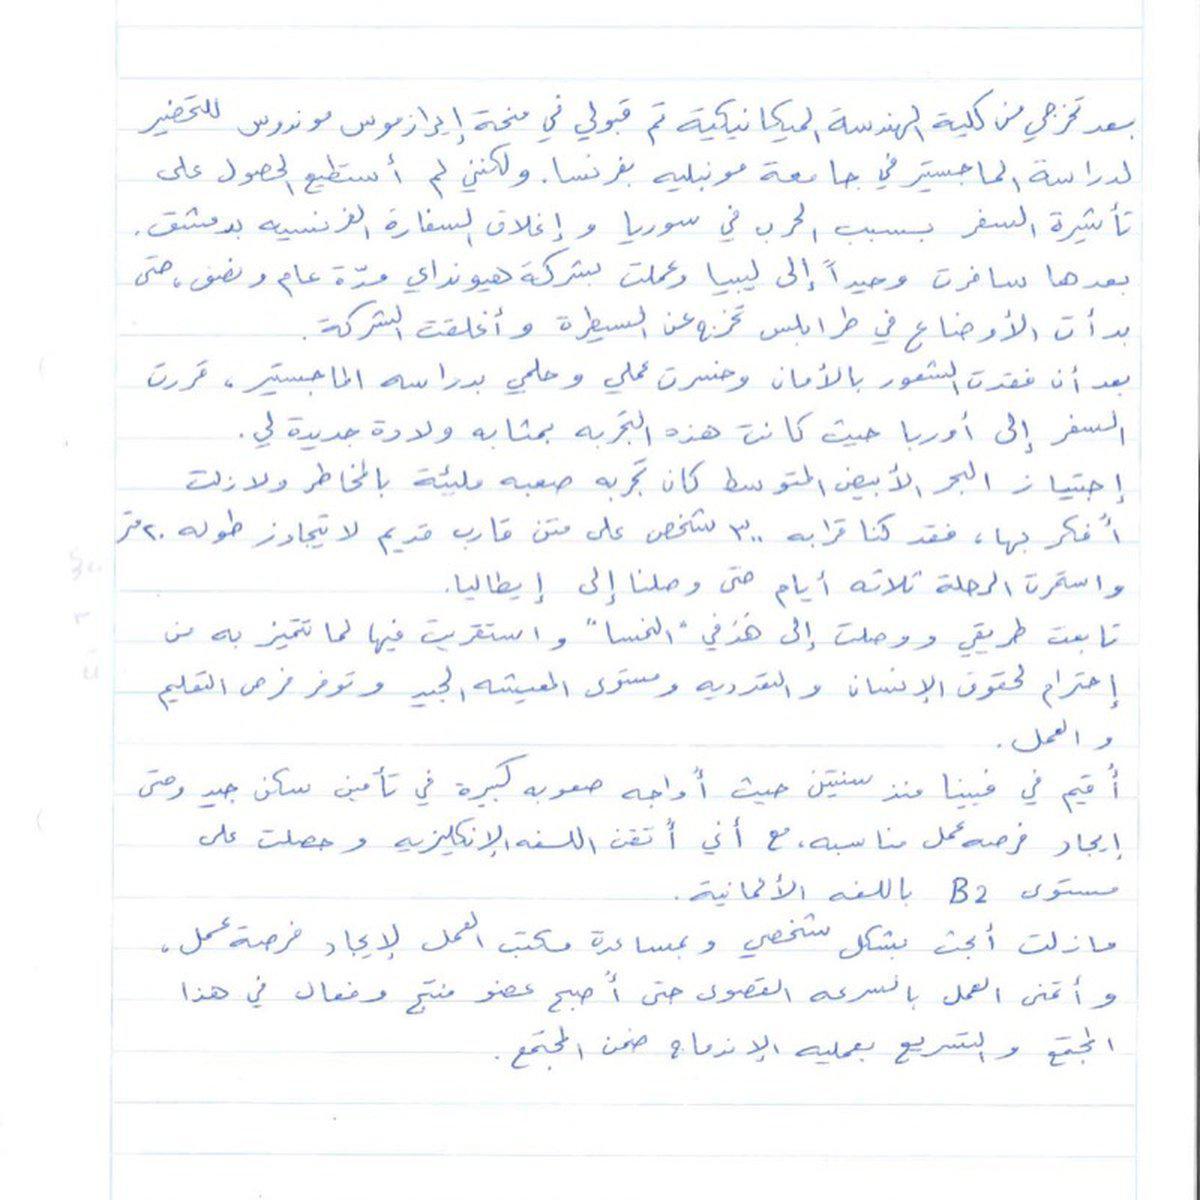 Flüchtlinge Schreiben Briefe An österreich Kurier